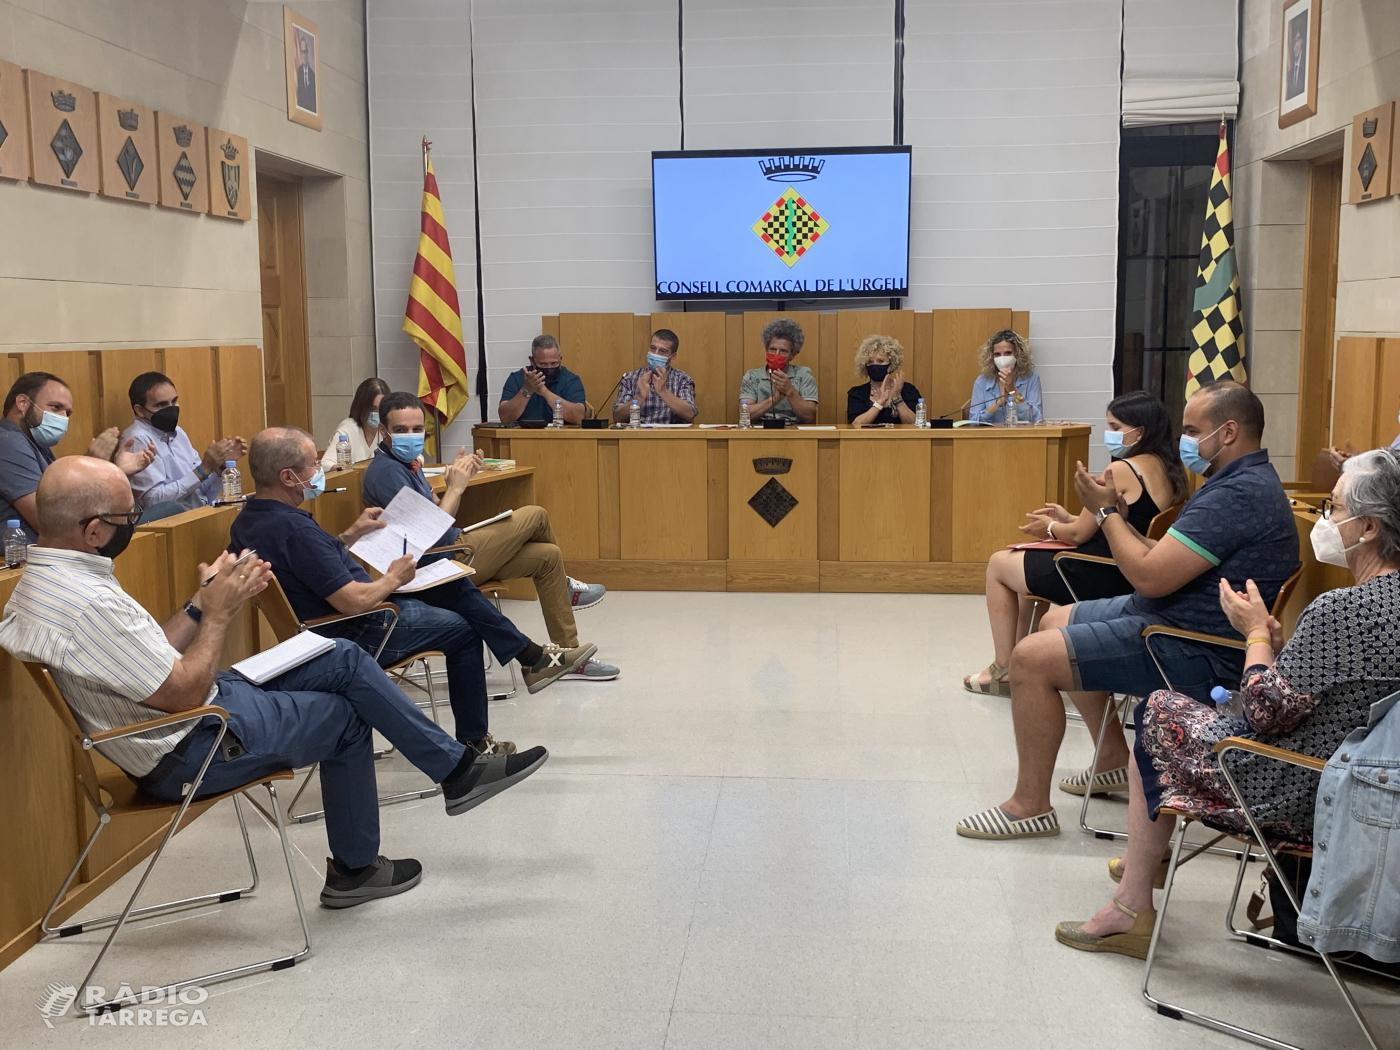 El Plenari del Consell Comarcal de l'Urgell es reuneix de forma presencial després d'un any de sessions telemàtiques